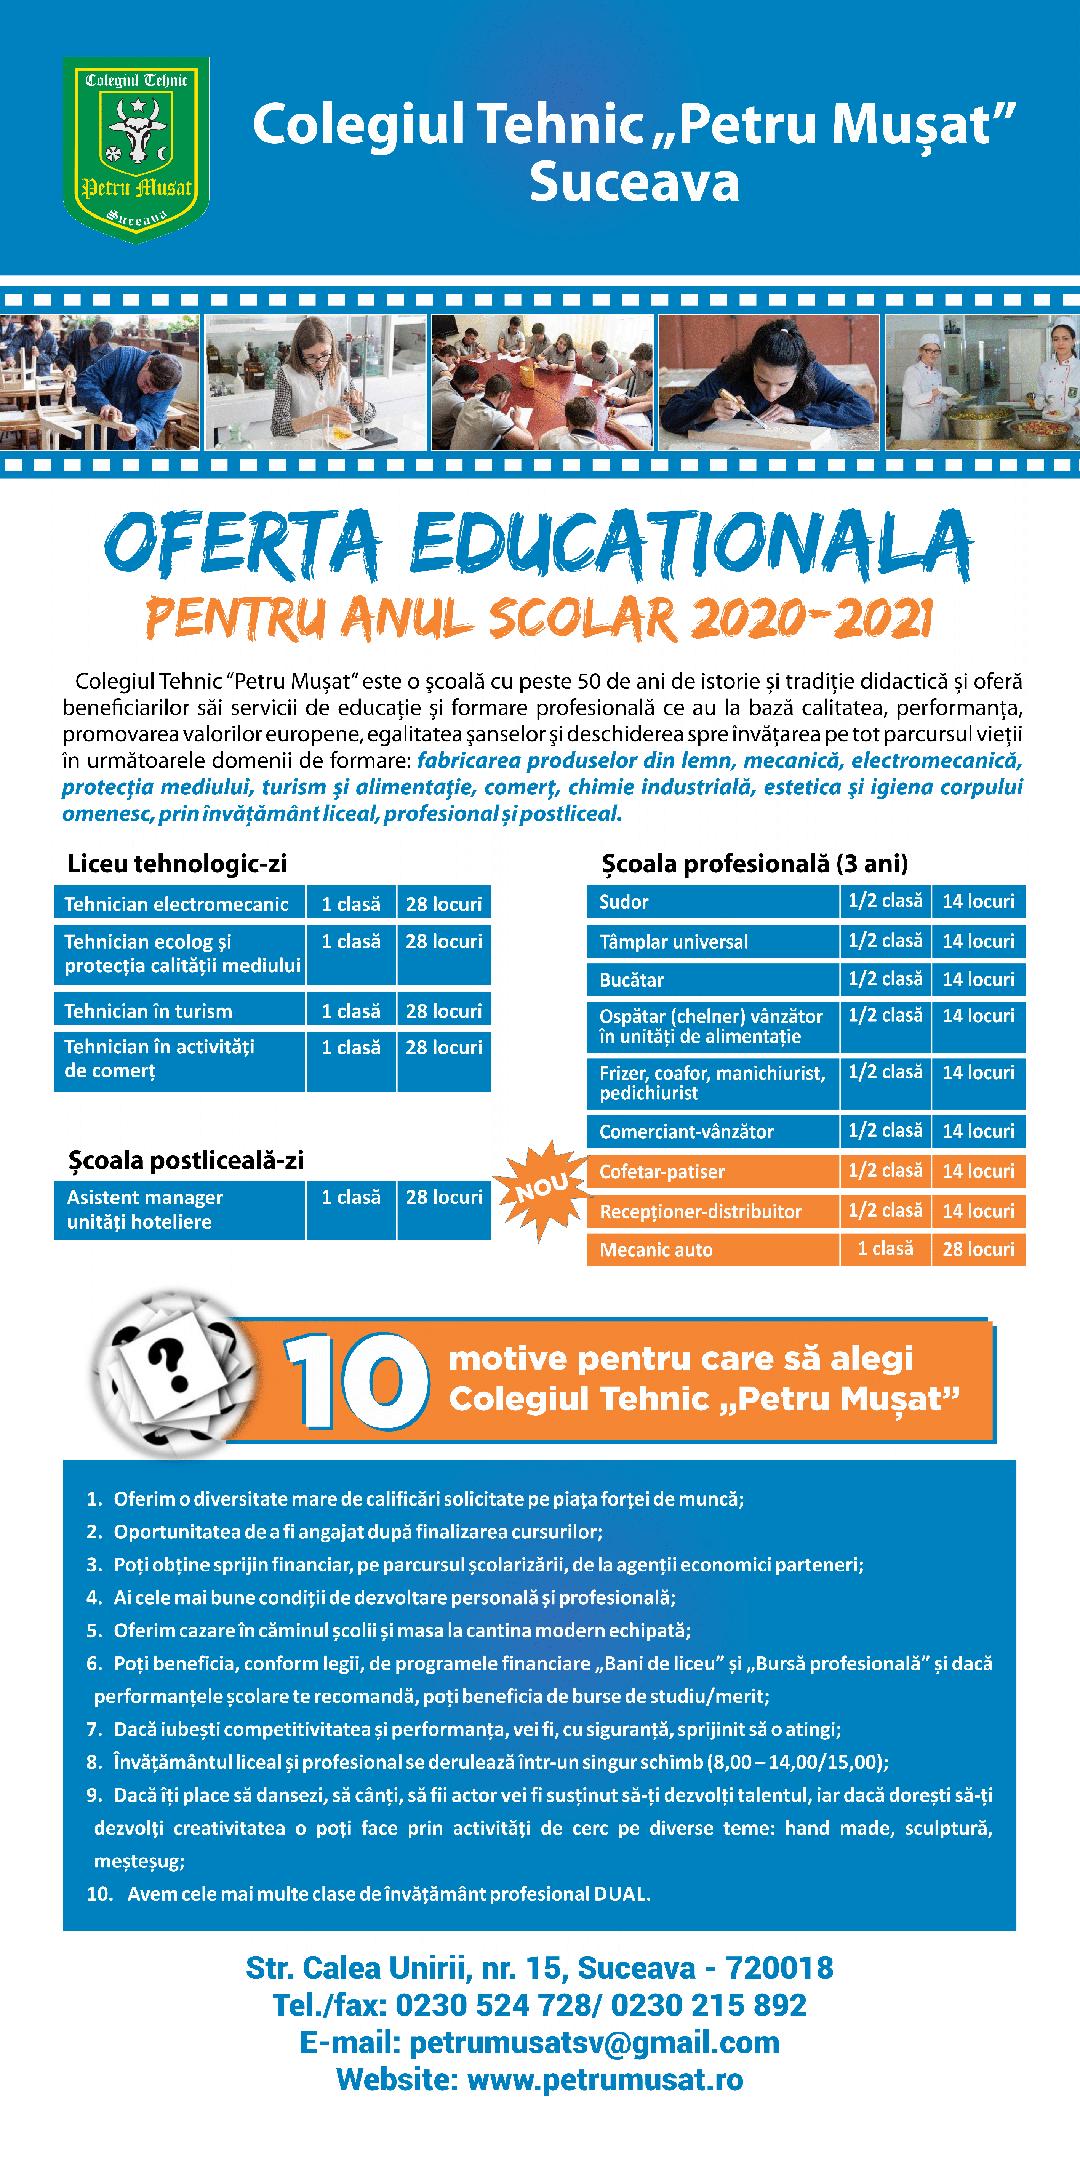 Oferta educațională pentru anul școlar 2020-2021